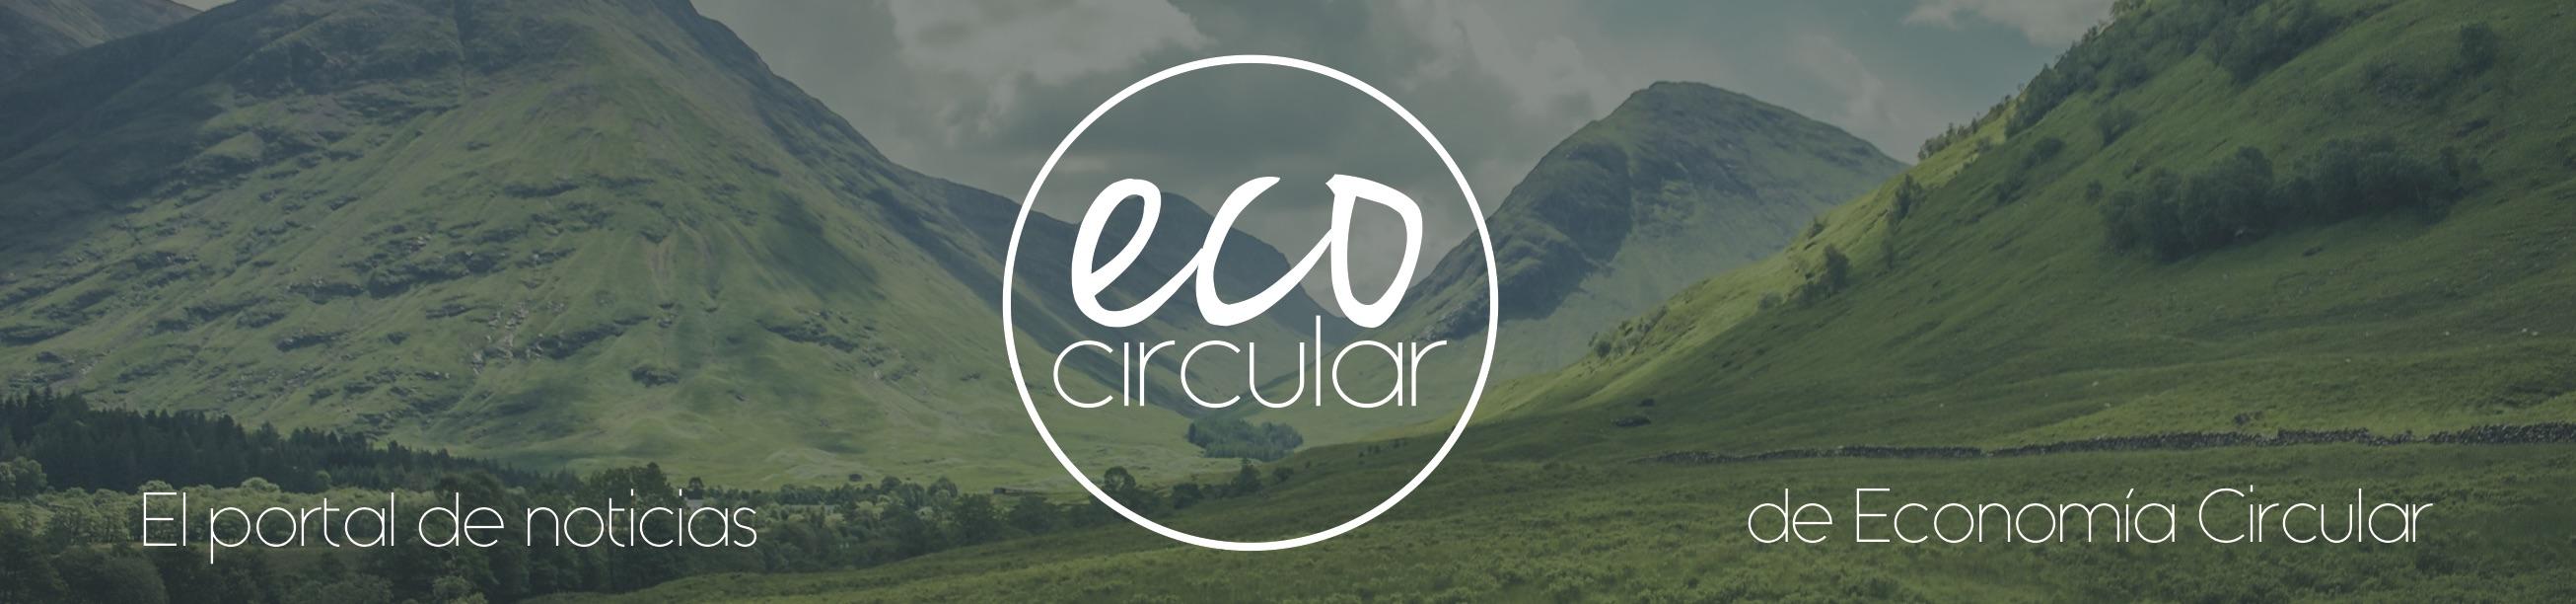 Eco-Circular.com: Noticias de economía circular